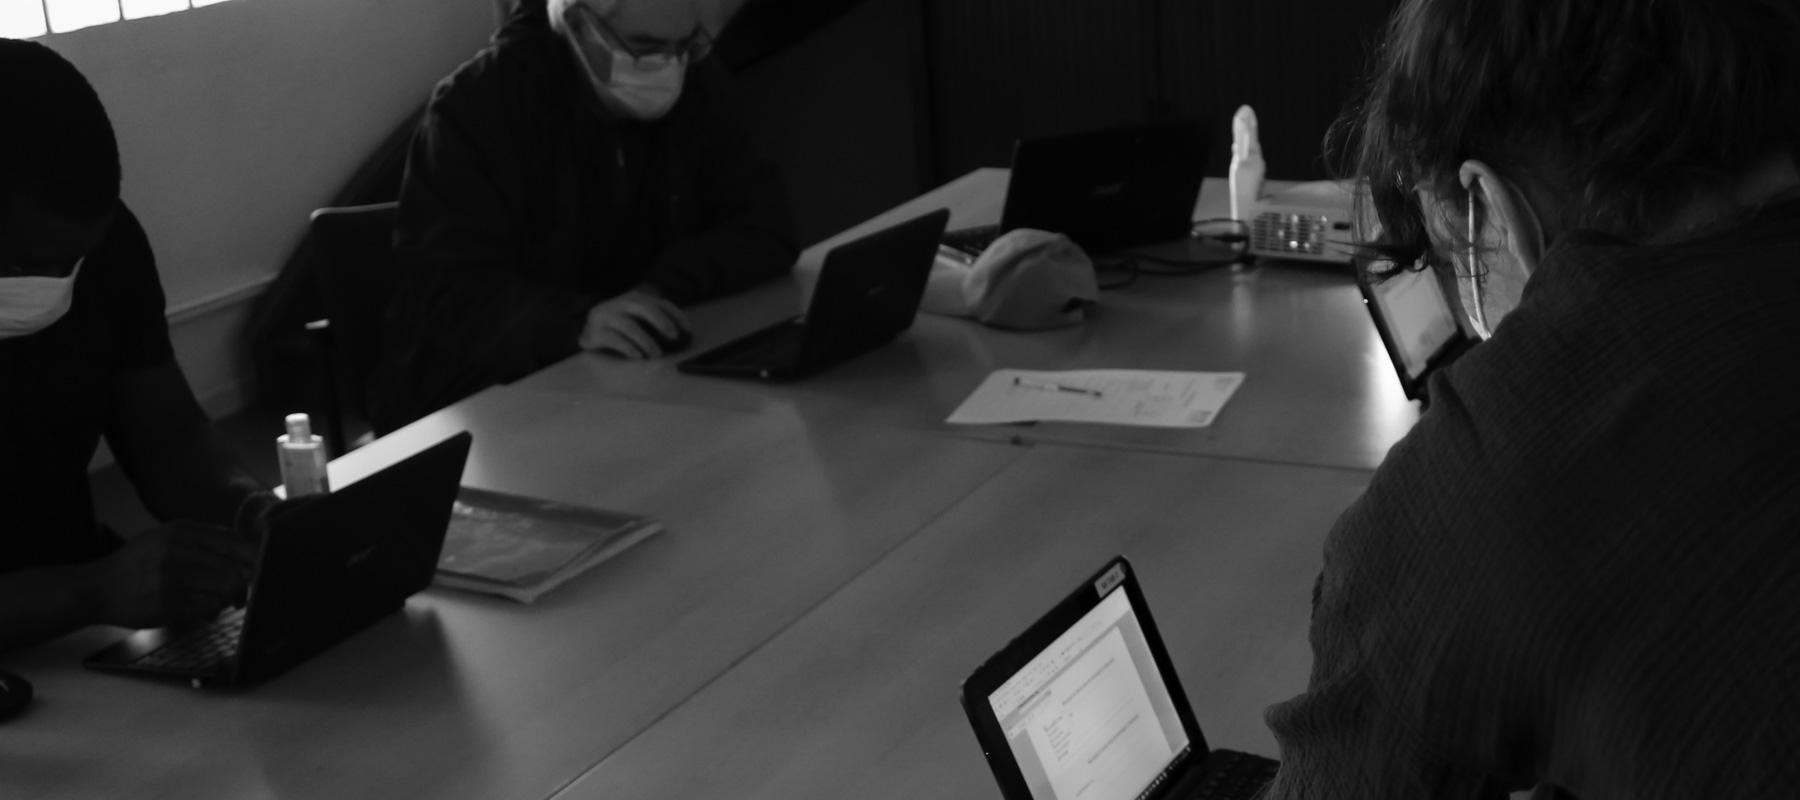 Nos ateliers numériques La Banque Postale continuent pendant le confinement !